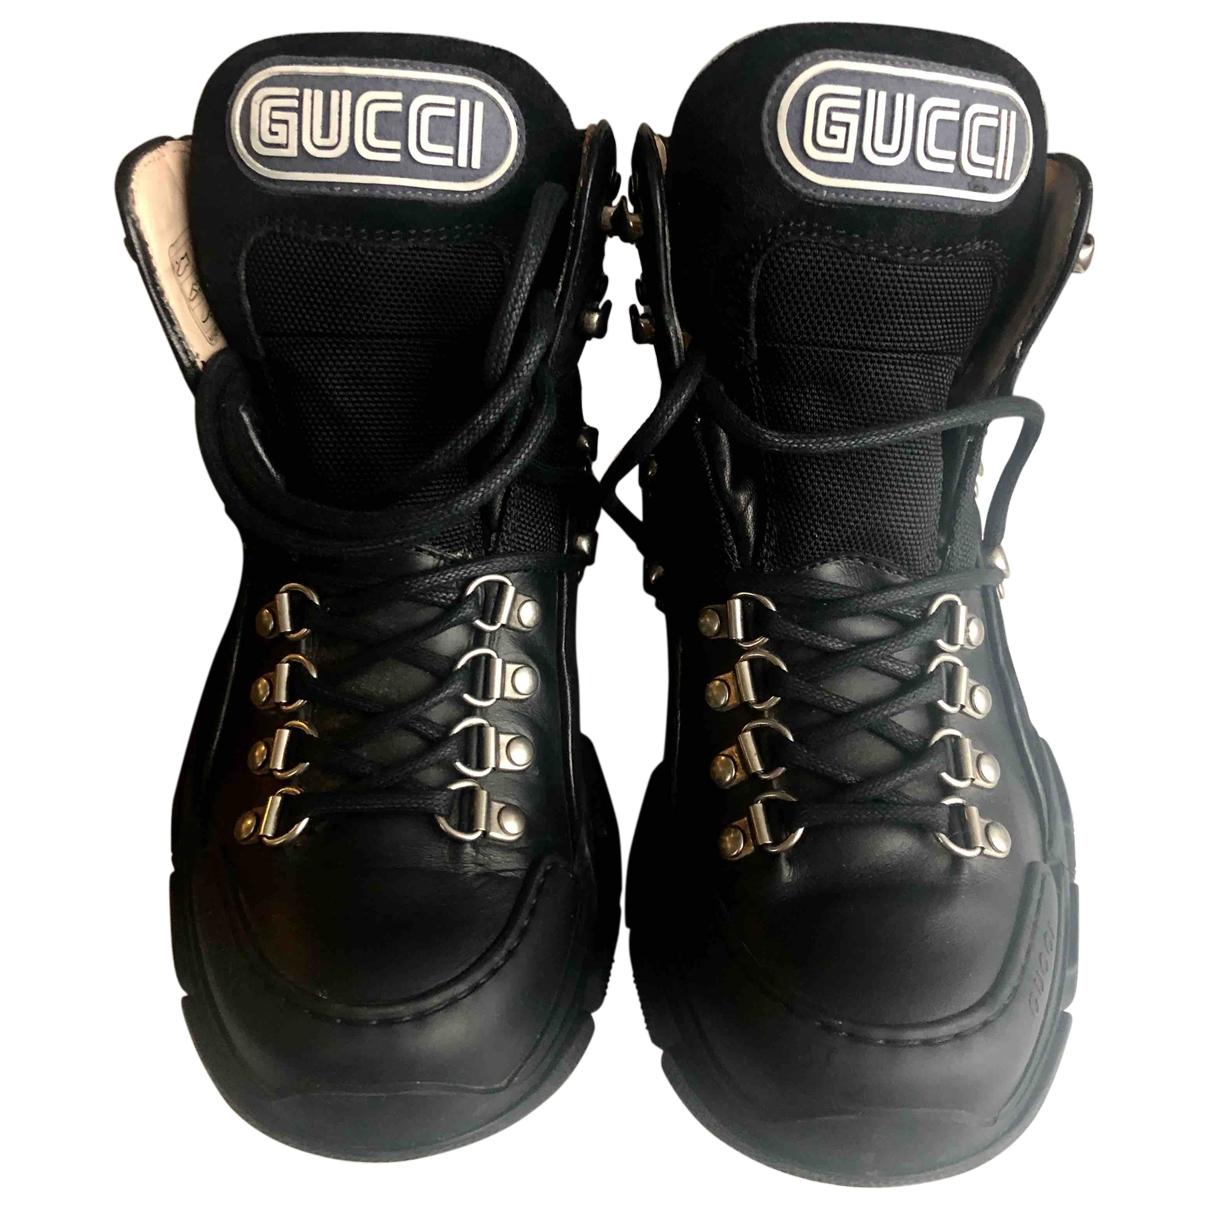 Gucci - Baskets FlashTrek HighTop pour femme en cuir - noir